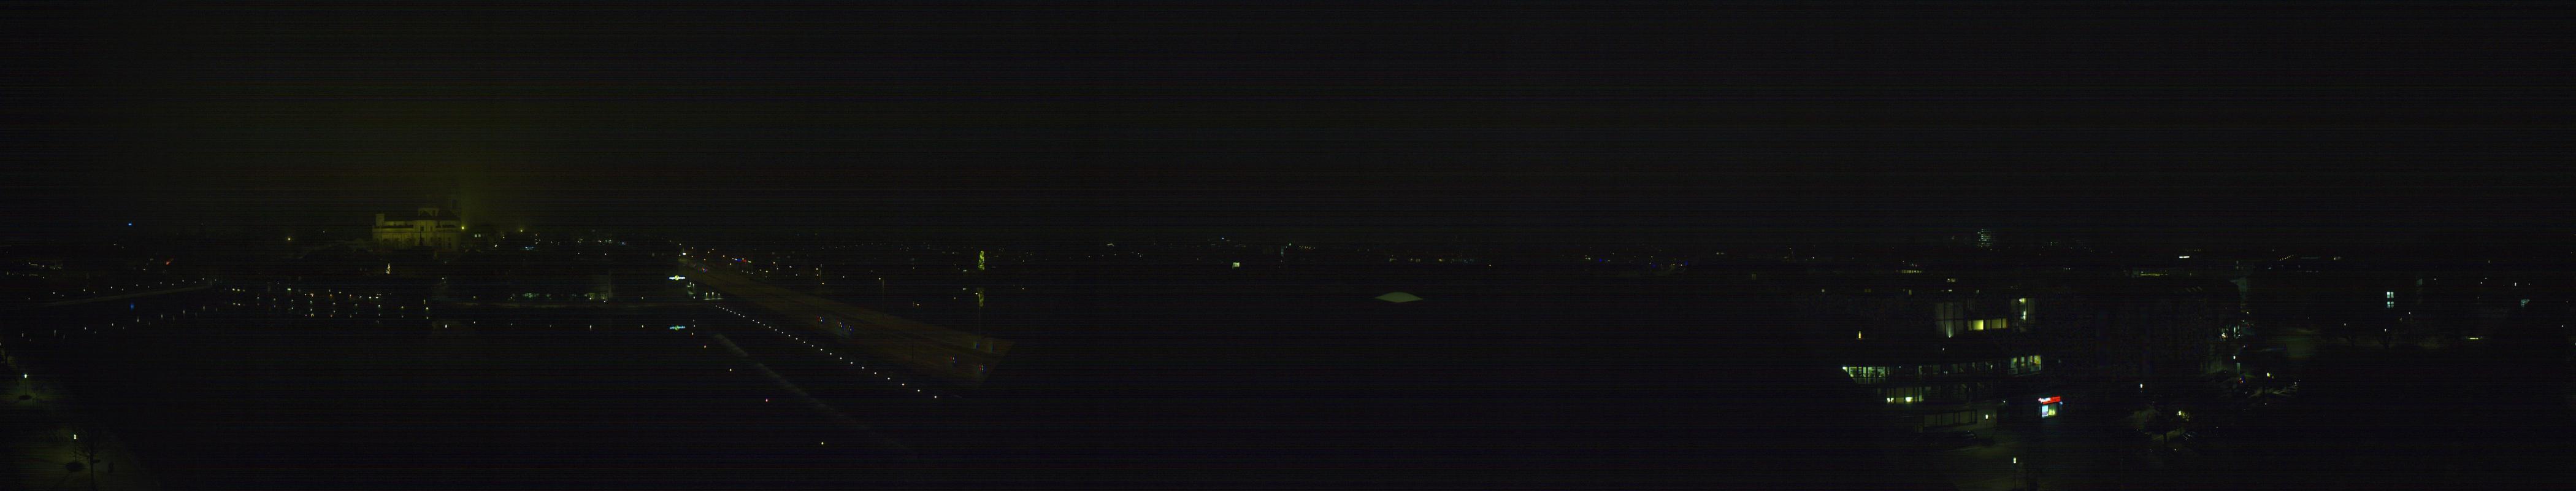 45h ago - 19:30